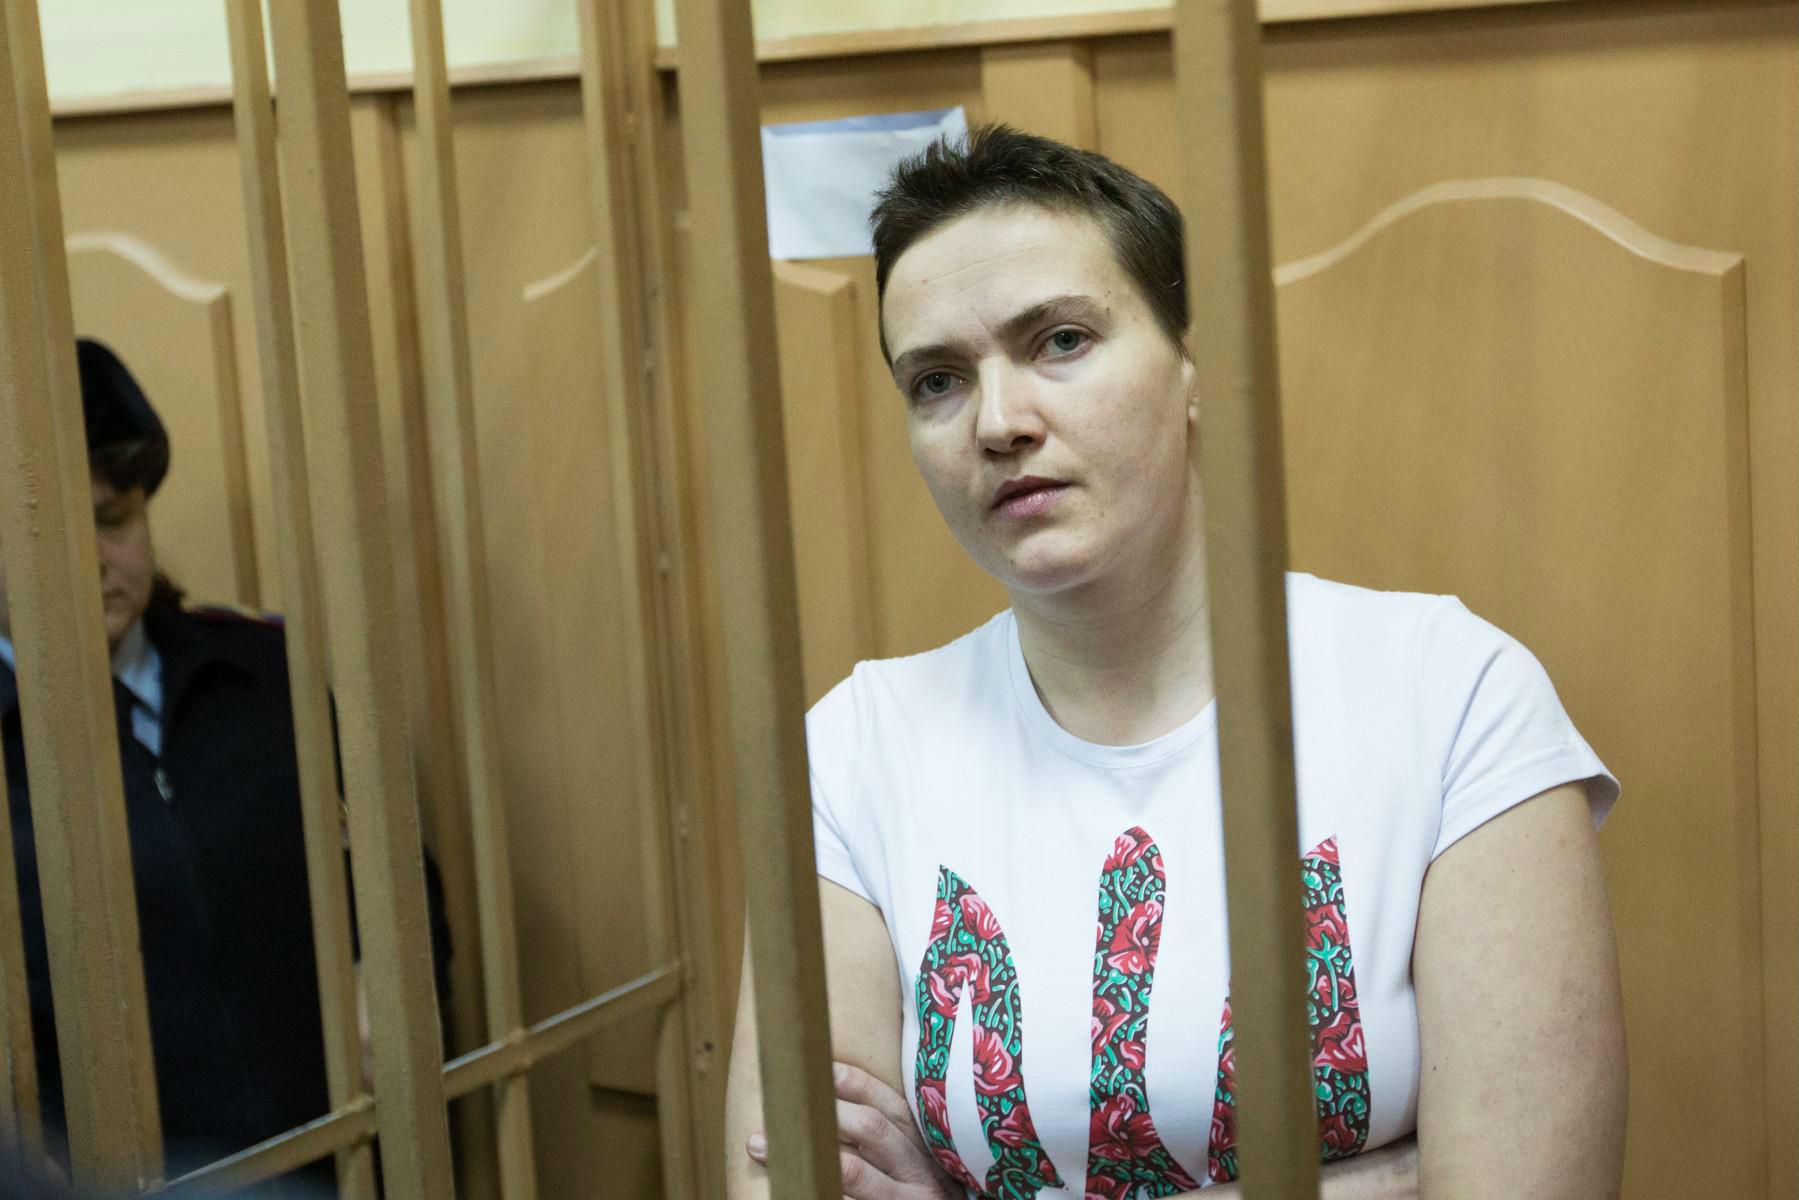 Эксперты: У Надежды Савченко возможны провалы в памяти